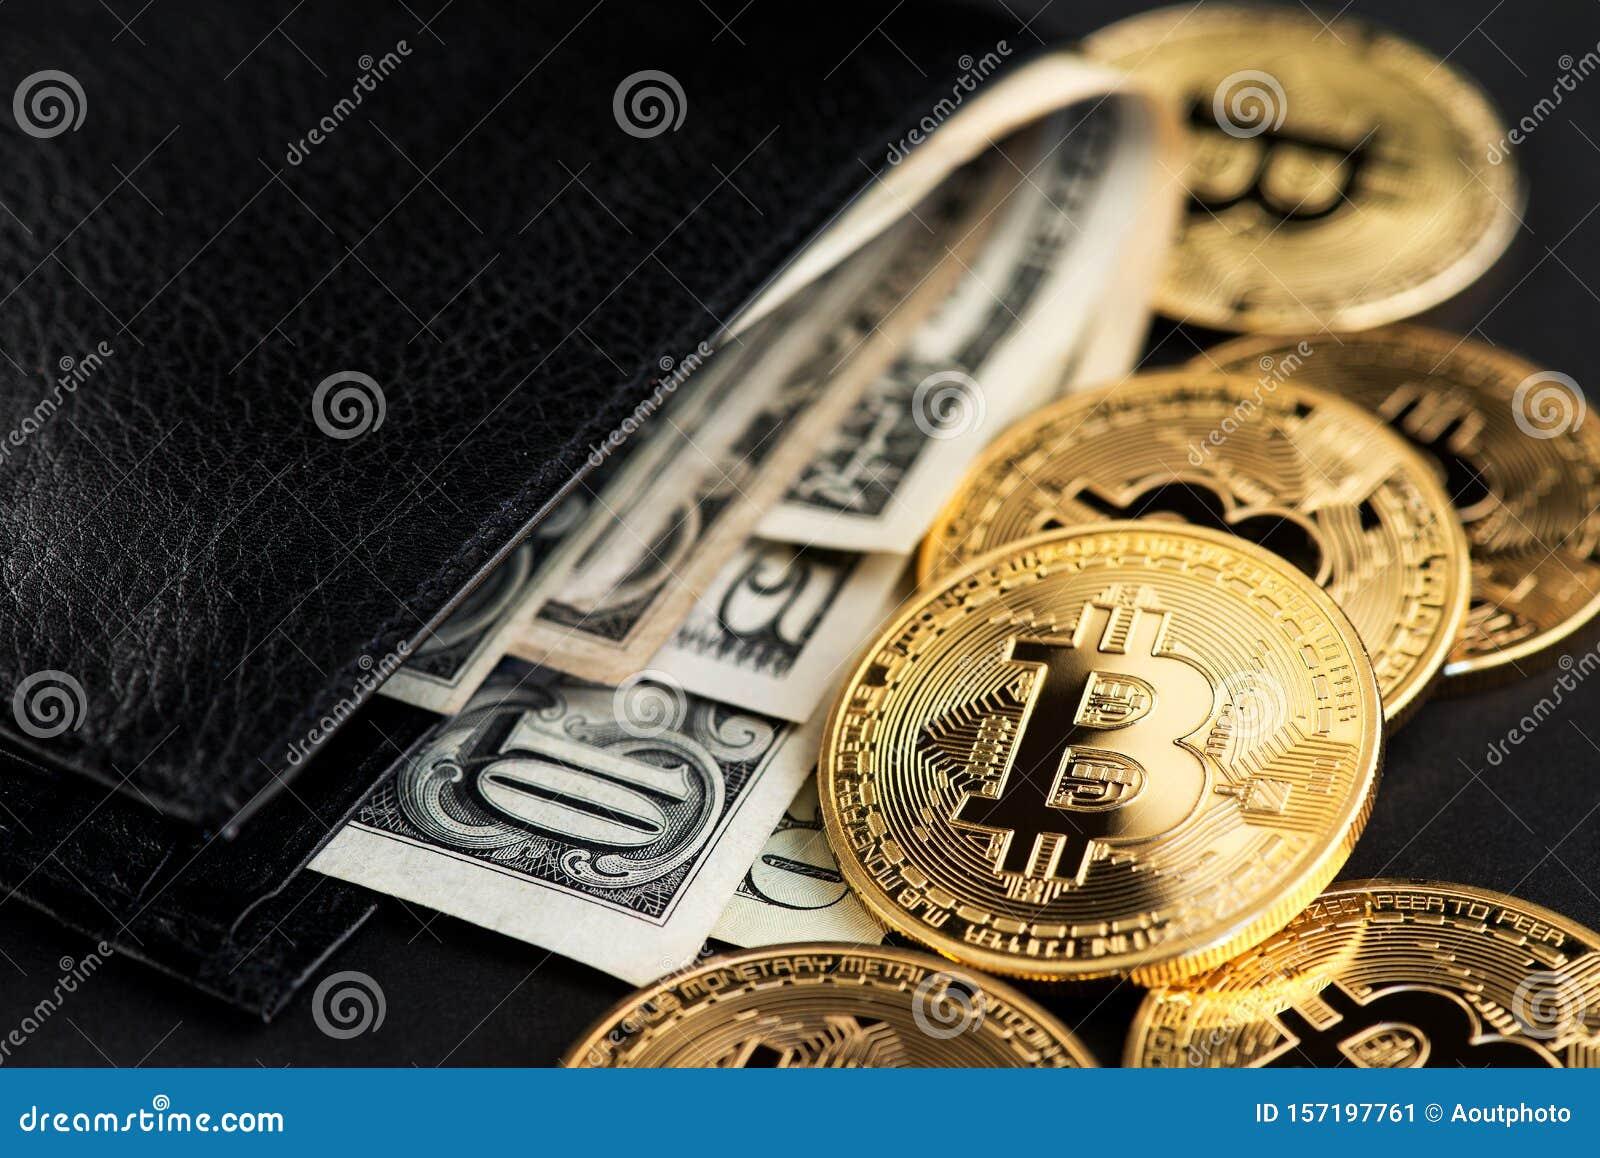 bitcoin para dolar)